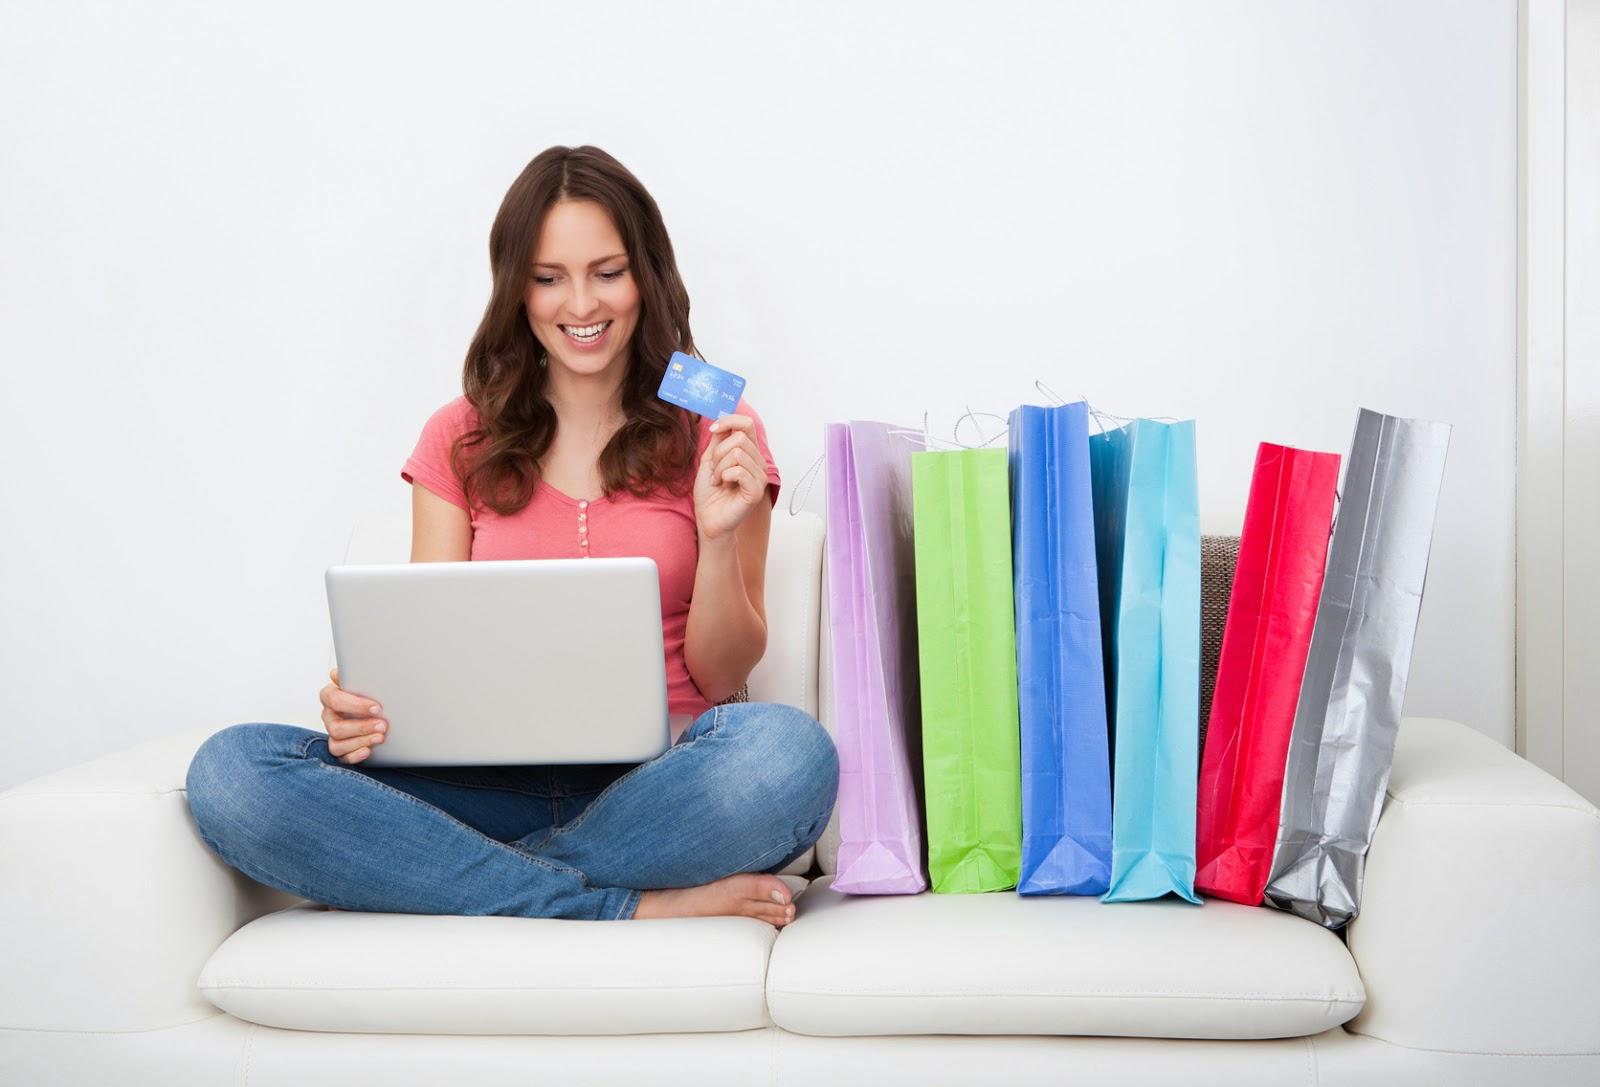 ganar dinero con tienda online